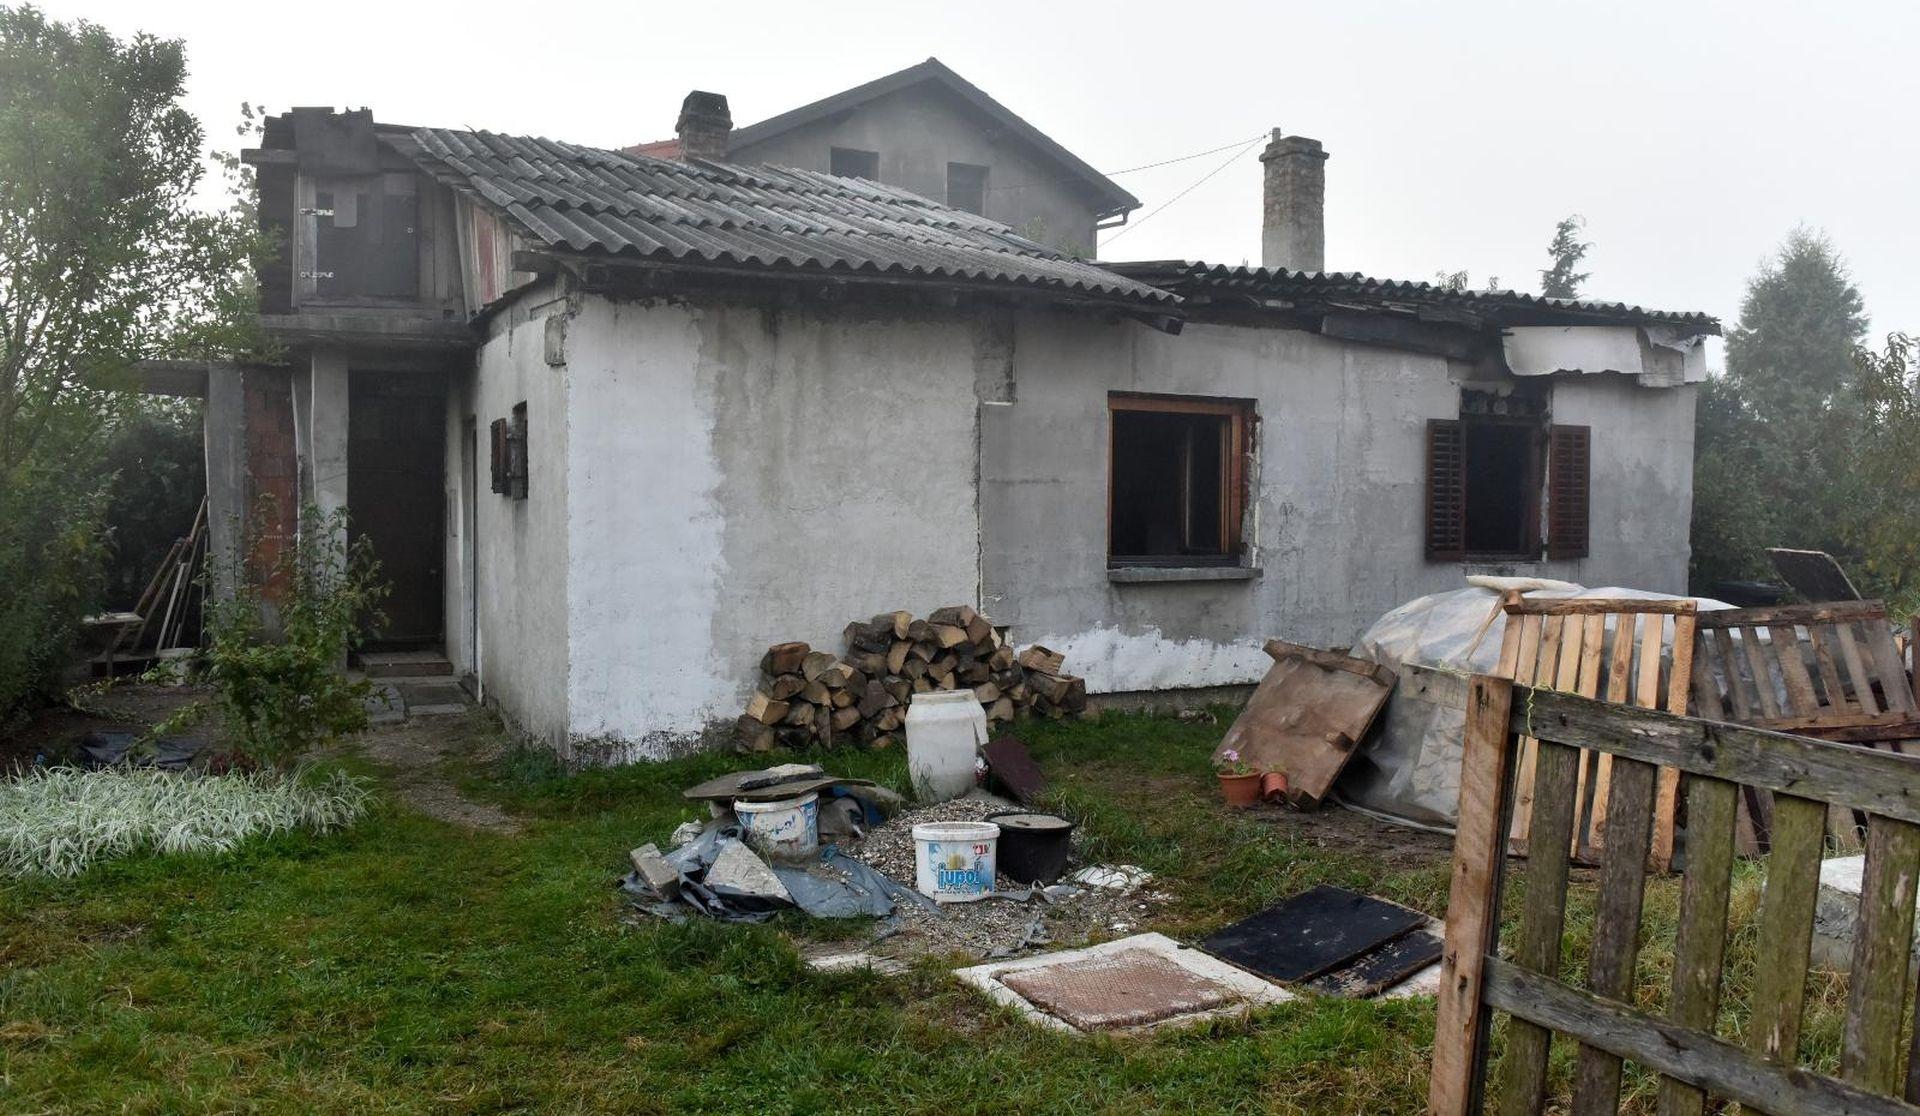 U požaru kuće poginula žena, supružnik teško ozlijeđen